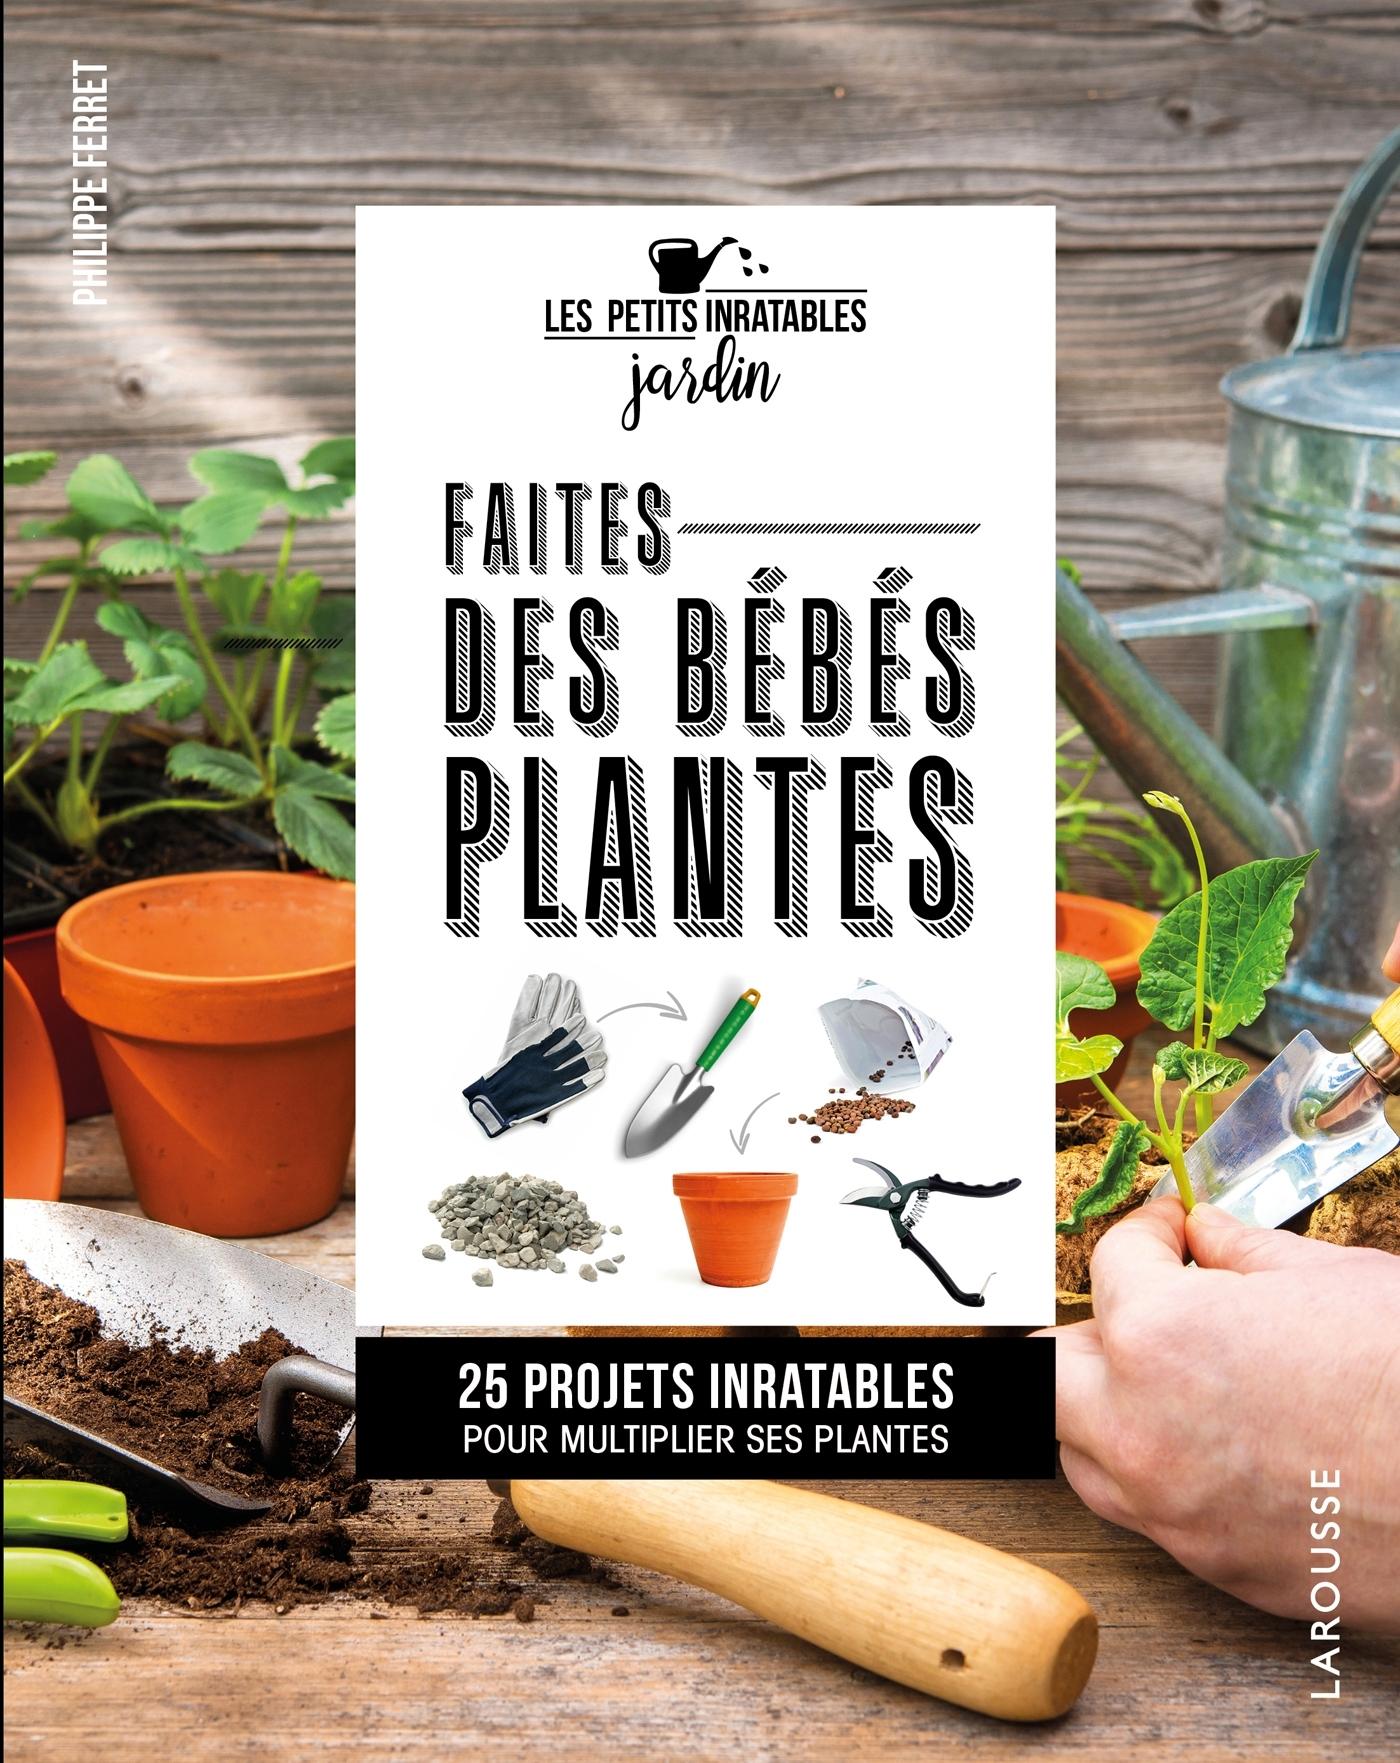 FAITES DES BEBES PLANTES !